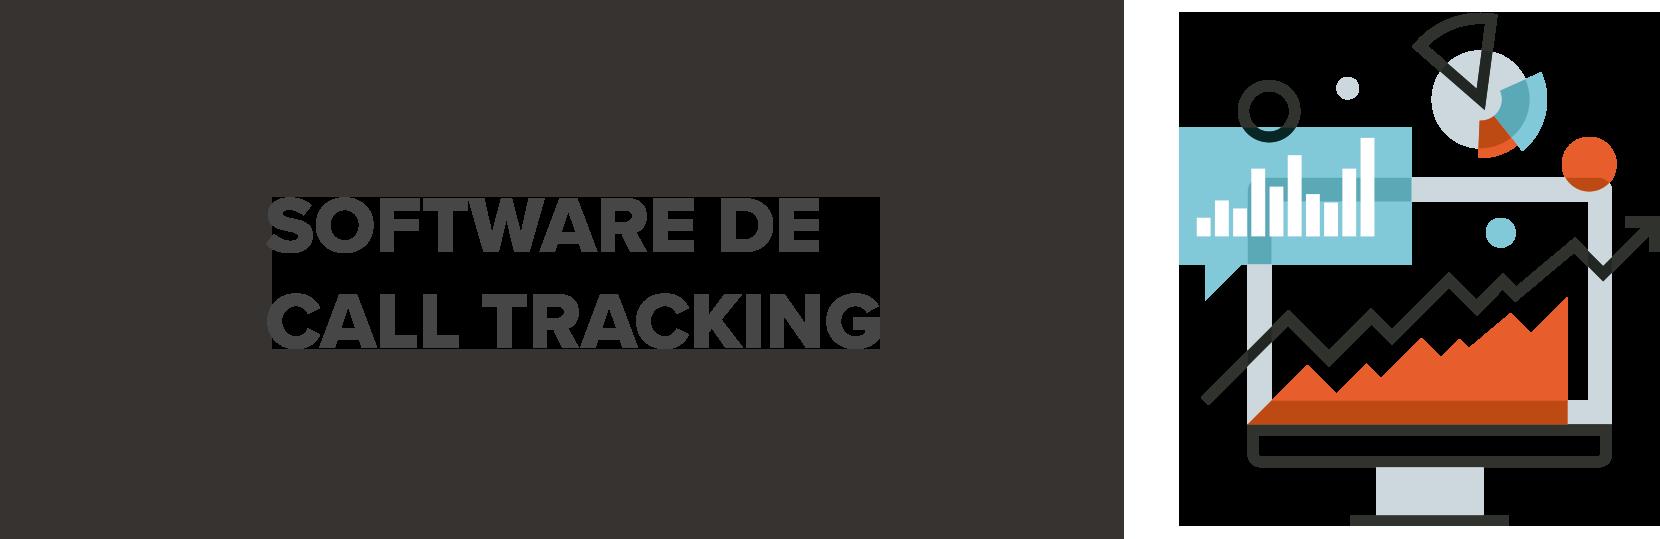 Software de Call Tracking